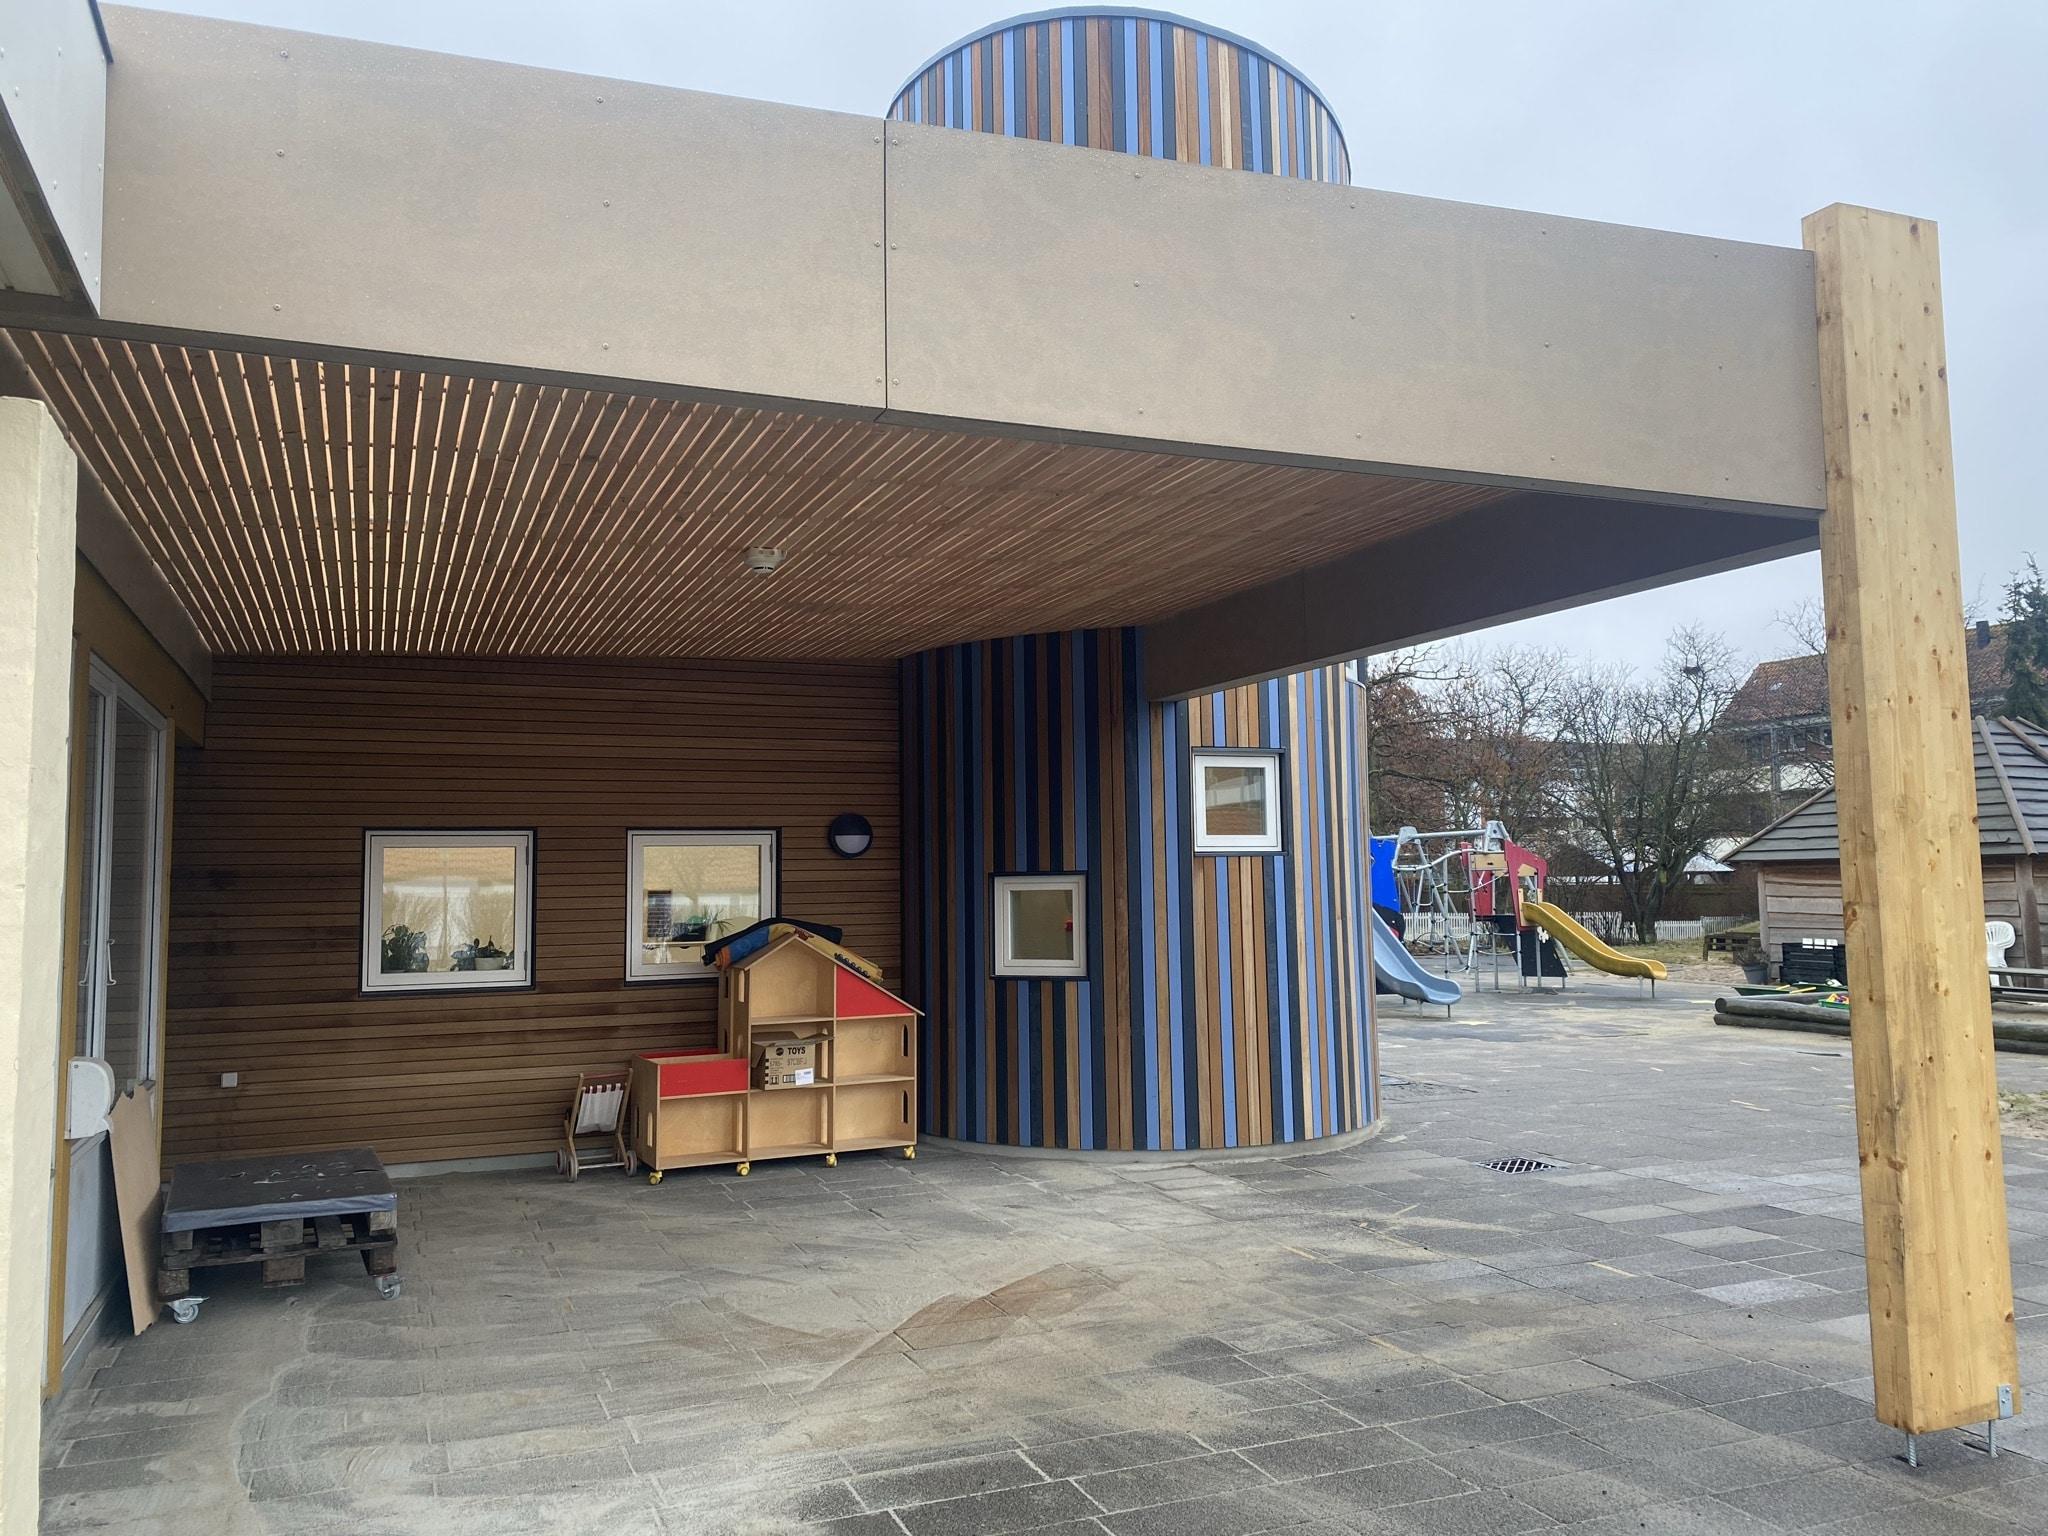 Nordstjernen – Udvidelse og ombygning af børnehus